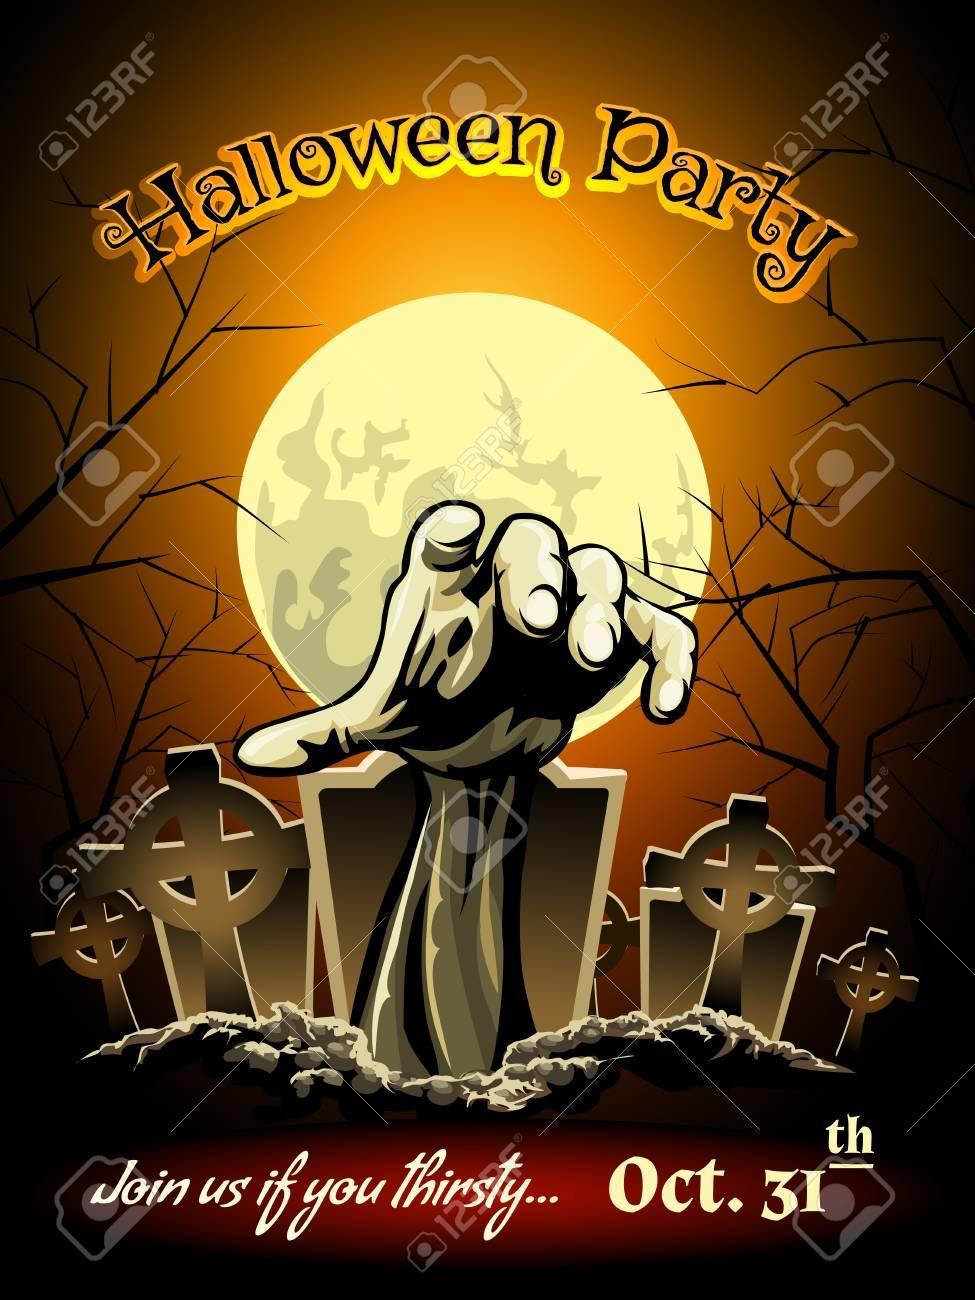 Halloween Party Einladung Mit Zombie Graphic Standard Bild   32267722